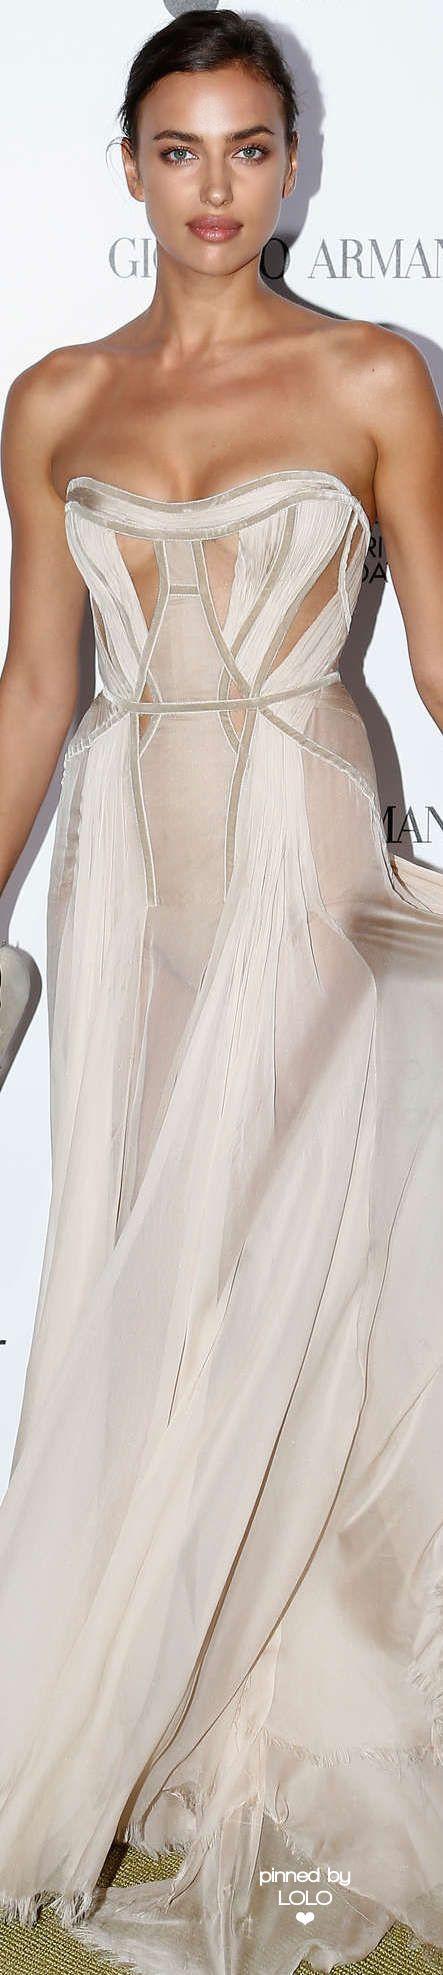 Irina Shayk Leonardo DiCaprio Charity Gala   LOLO❤︎